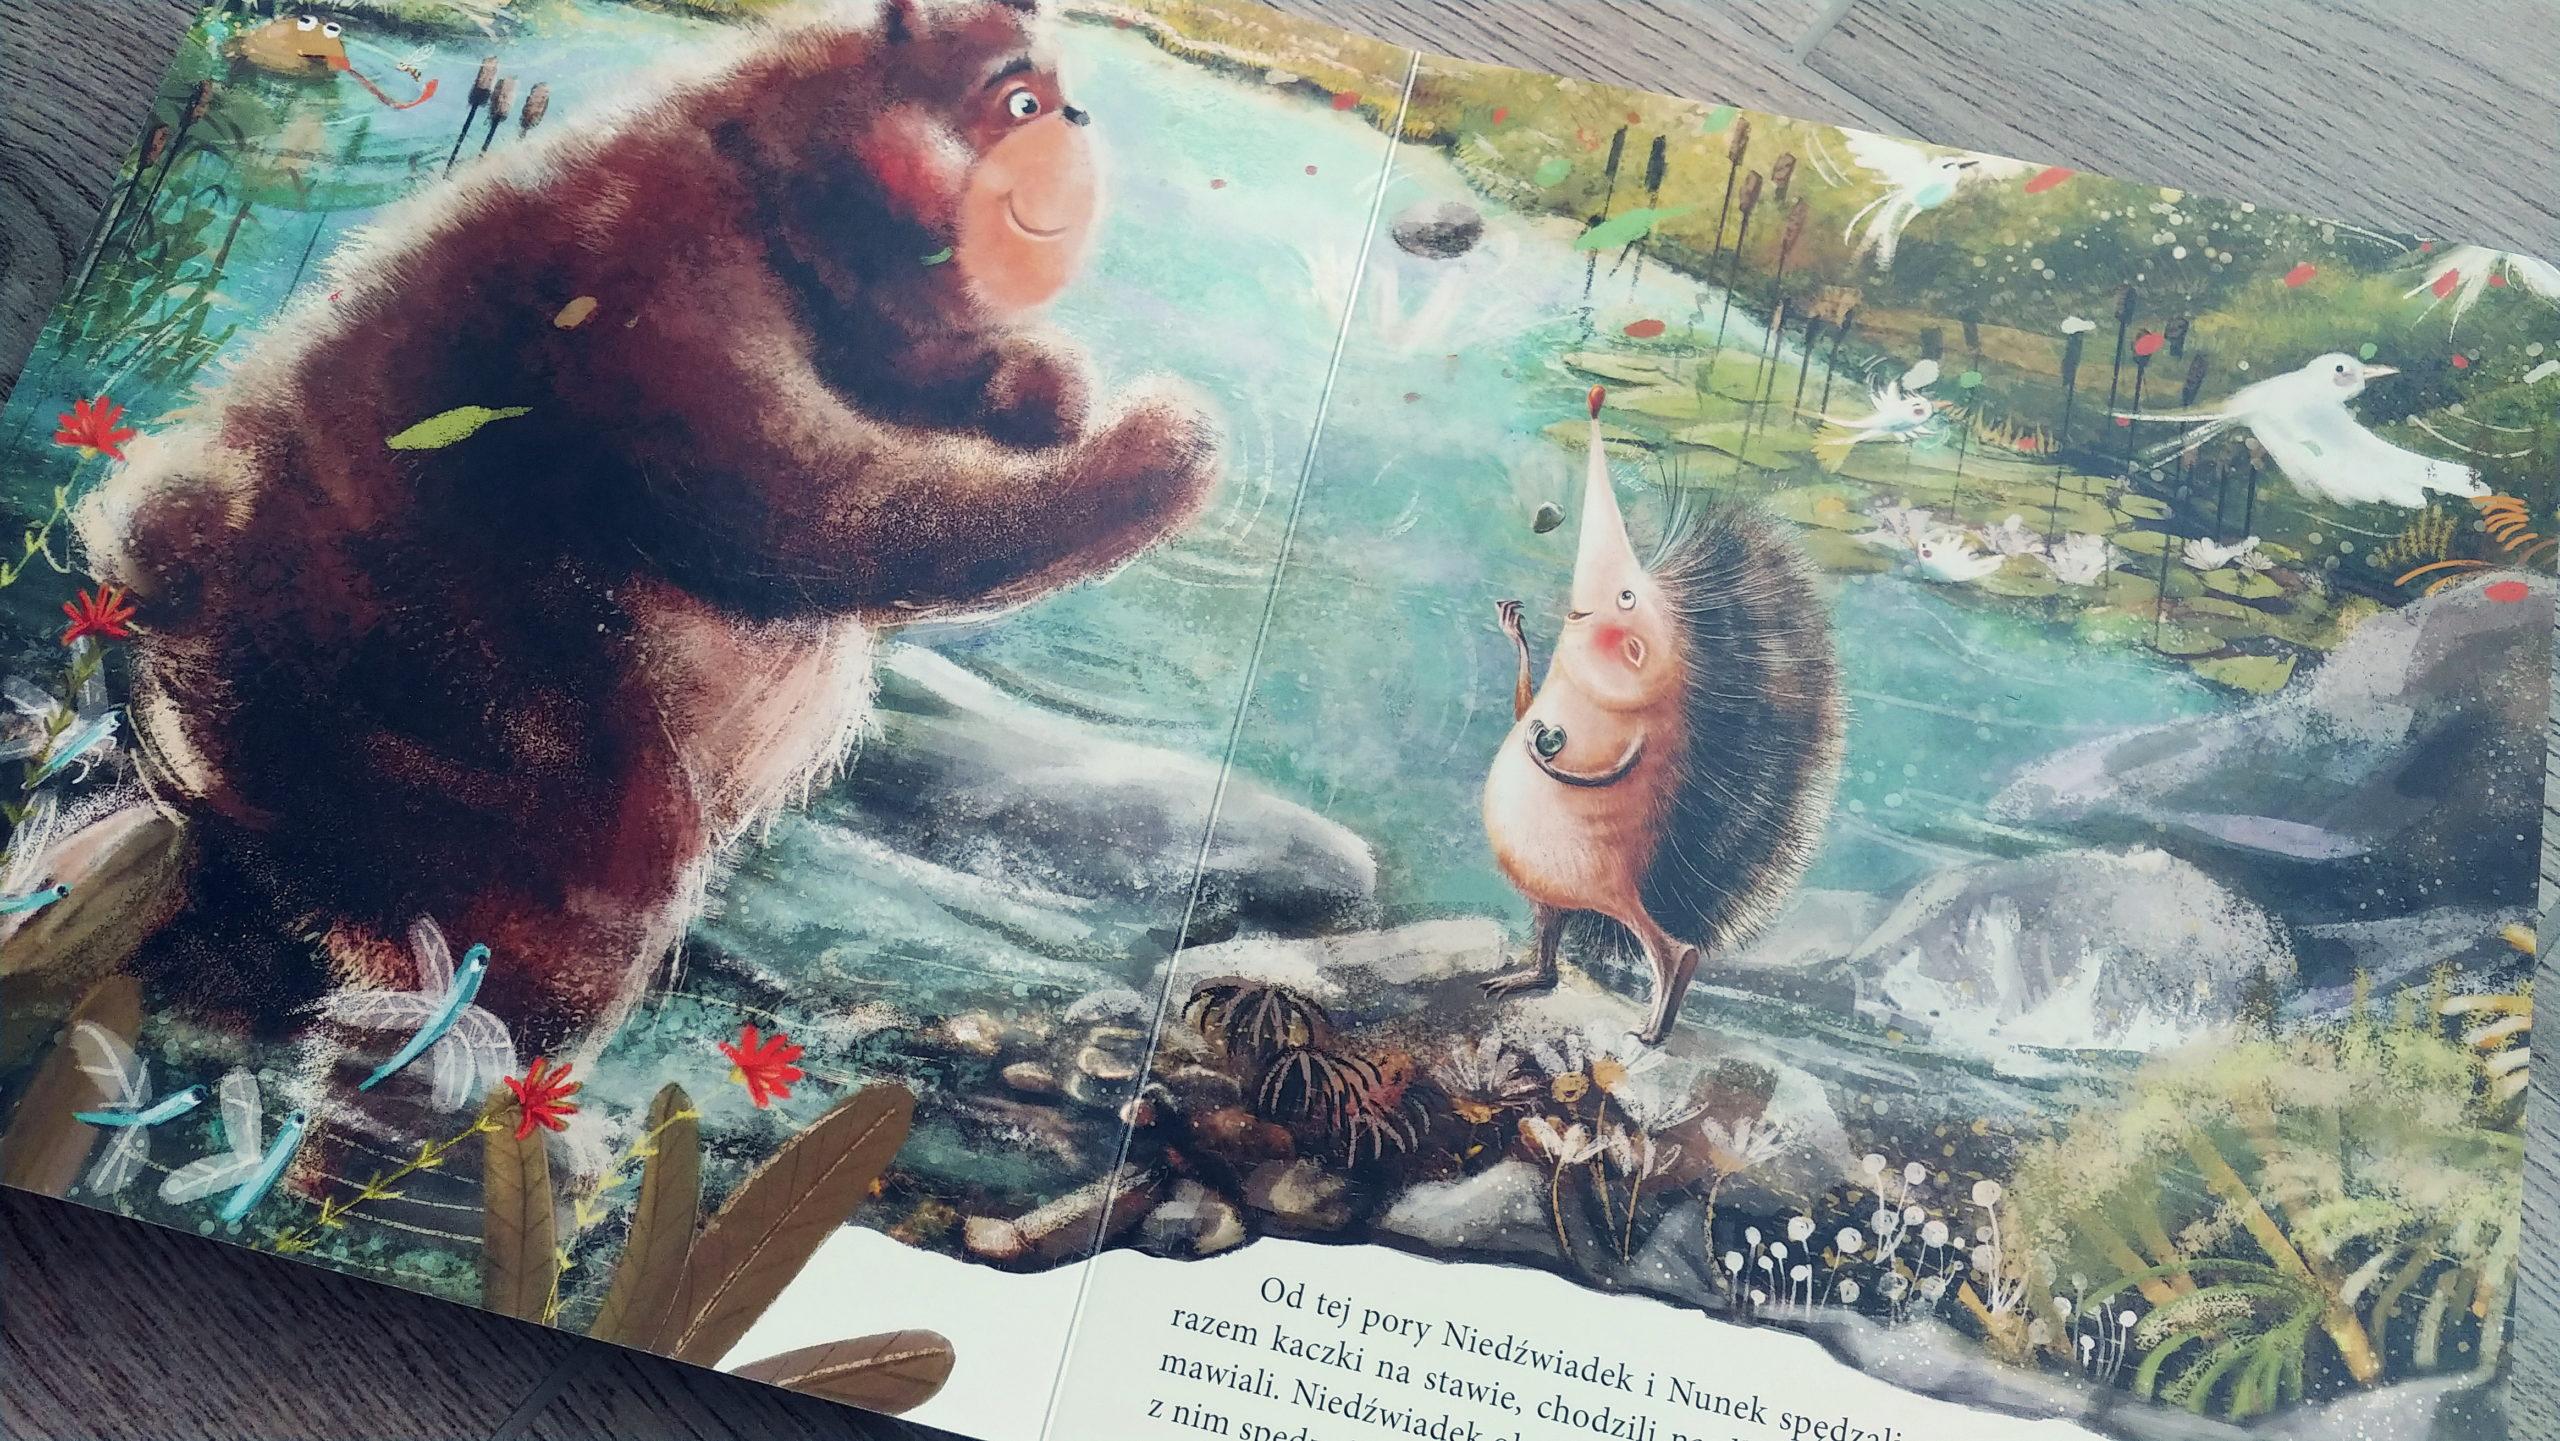 Niedźwiadek szuka przyjaciół recenzja książki dla dzieci